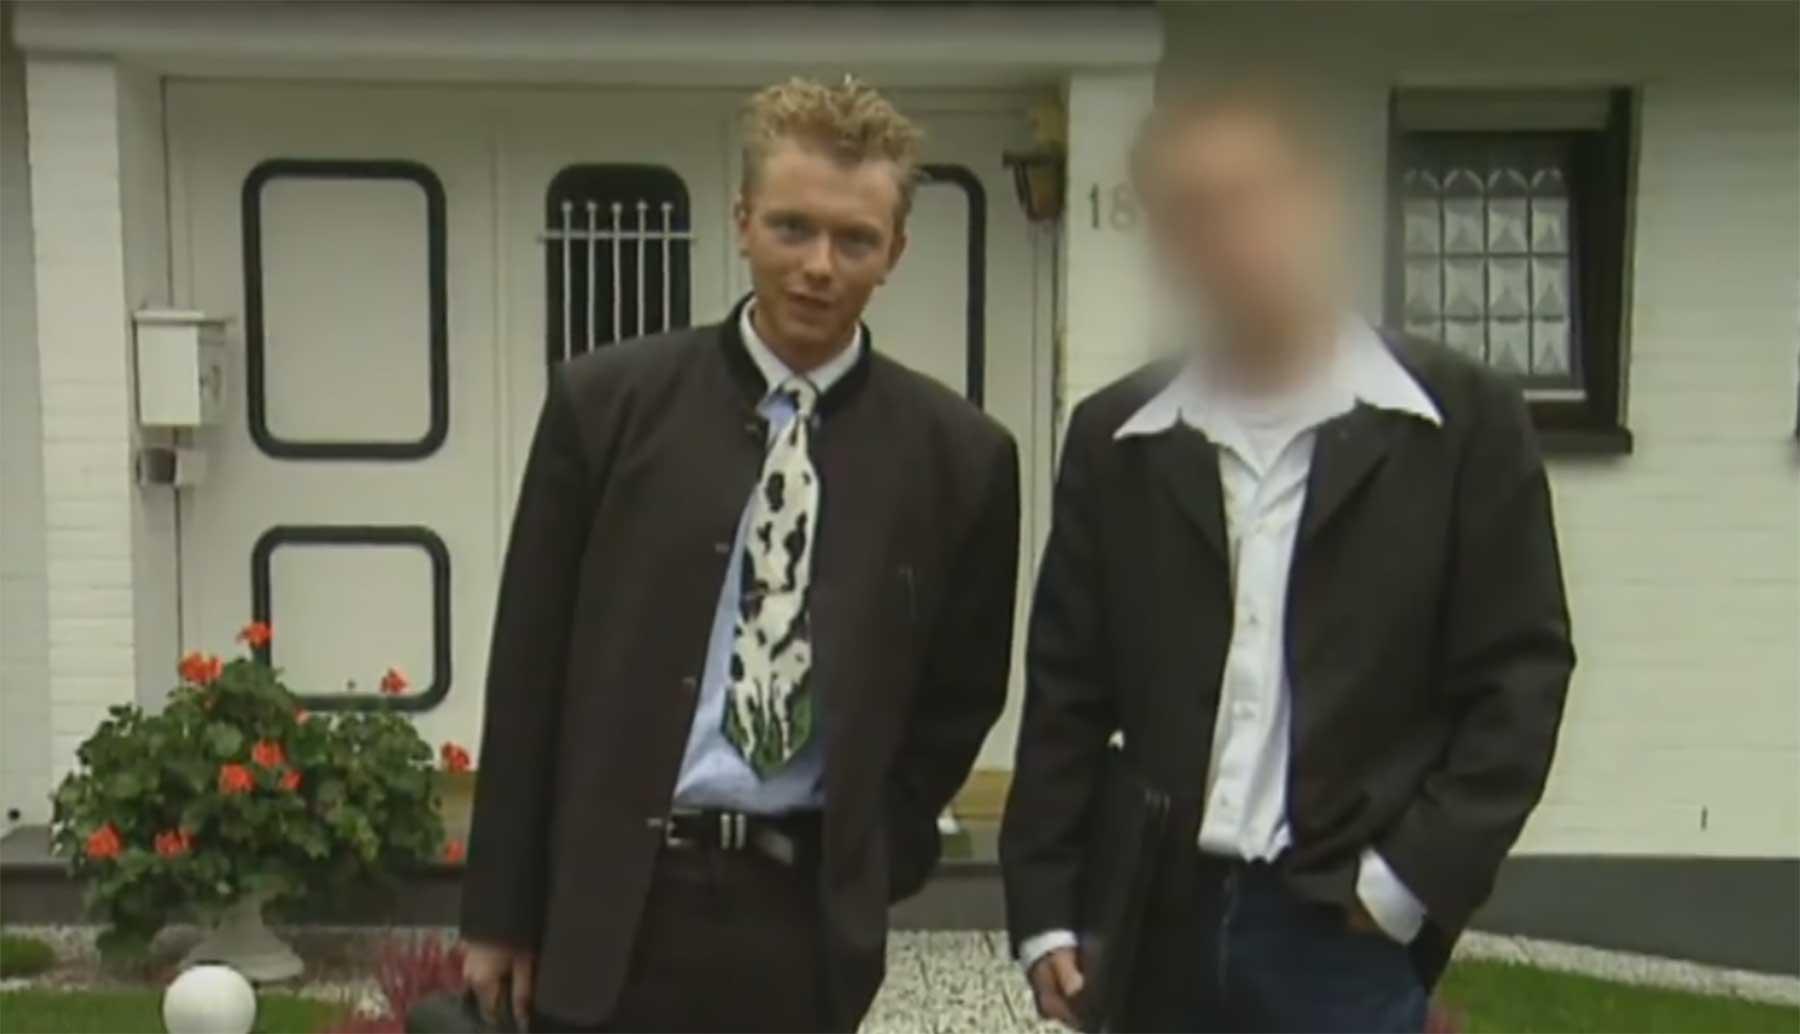 Christian Lindner 1997 als Abiturient im TV